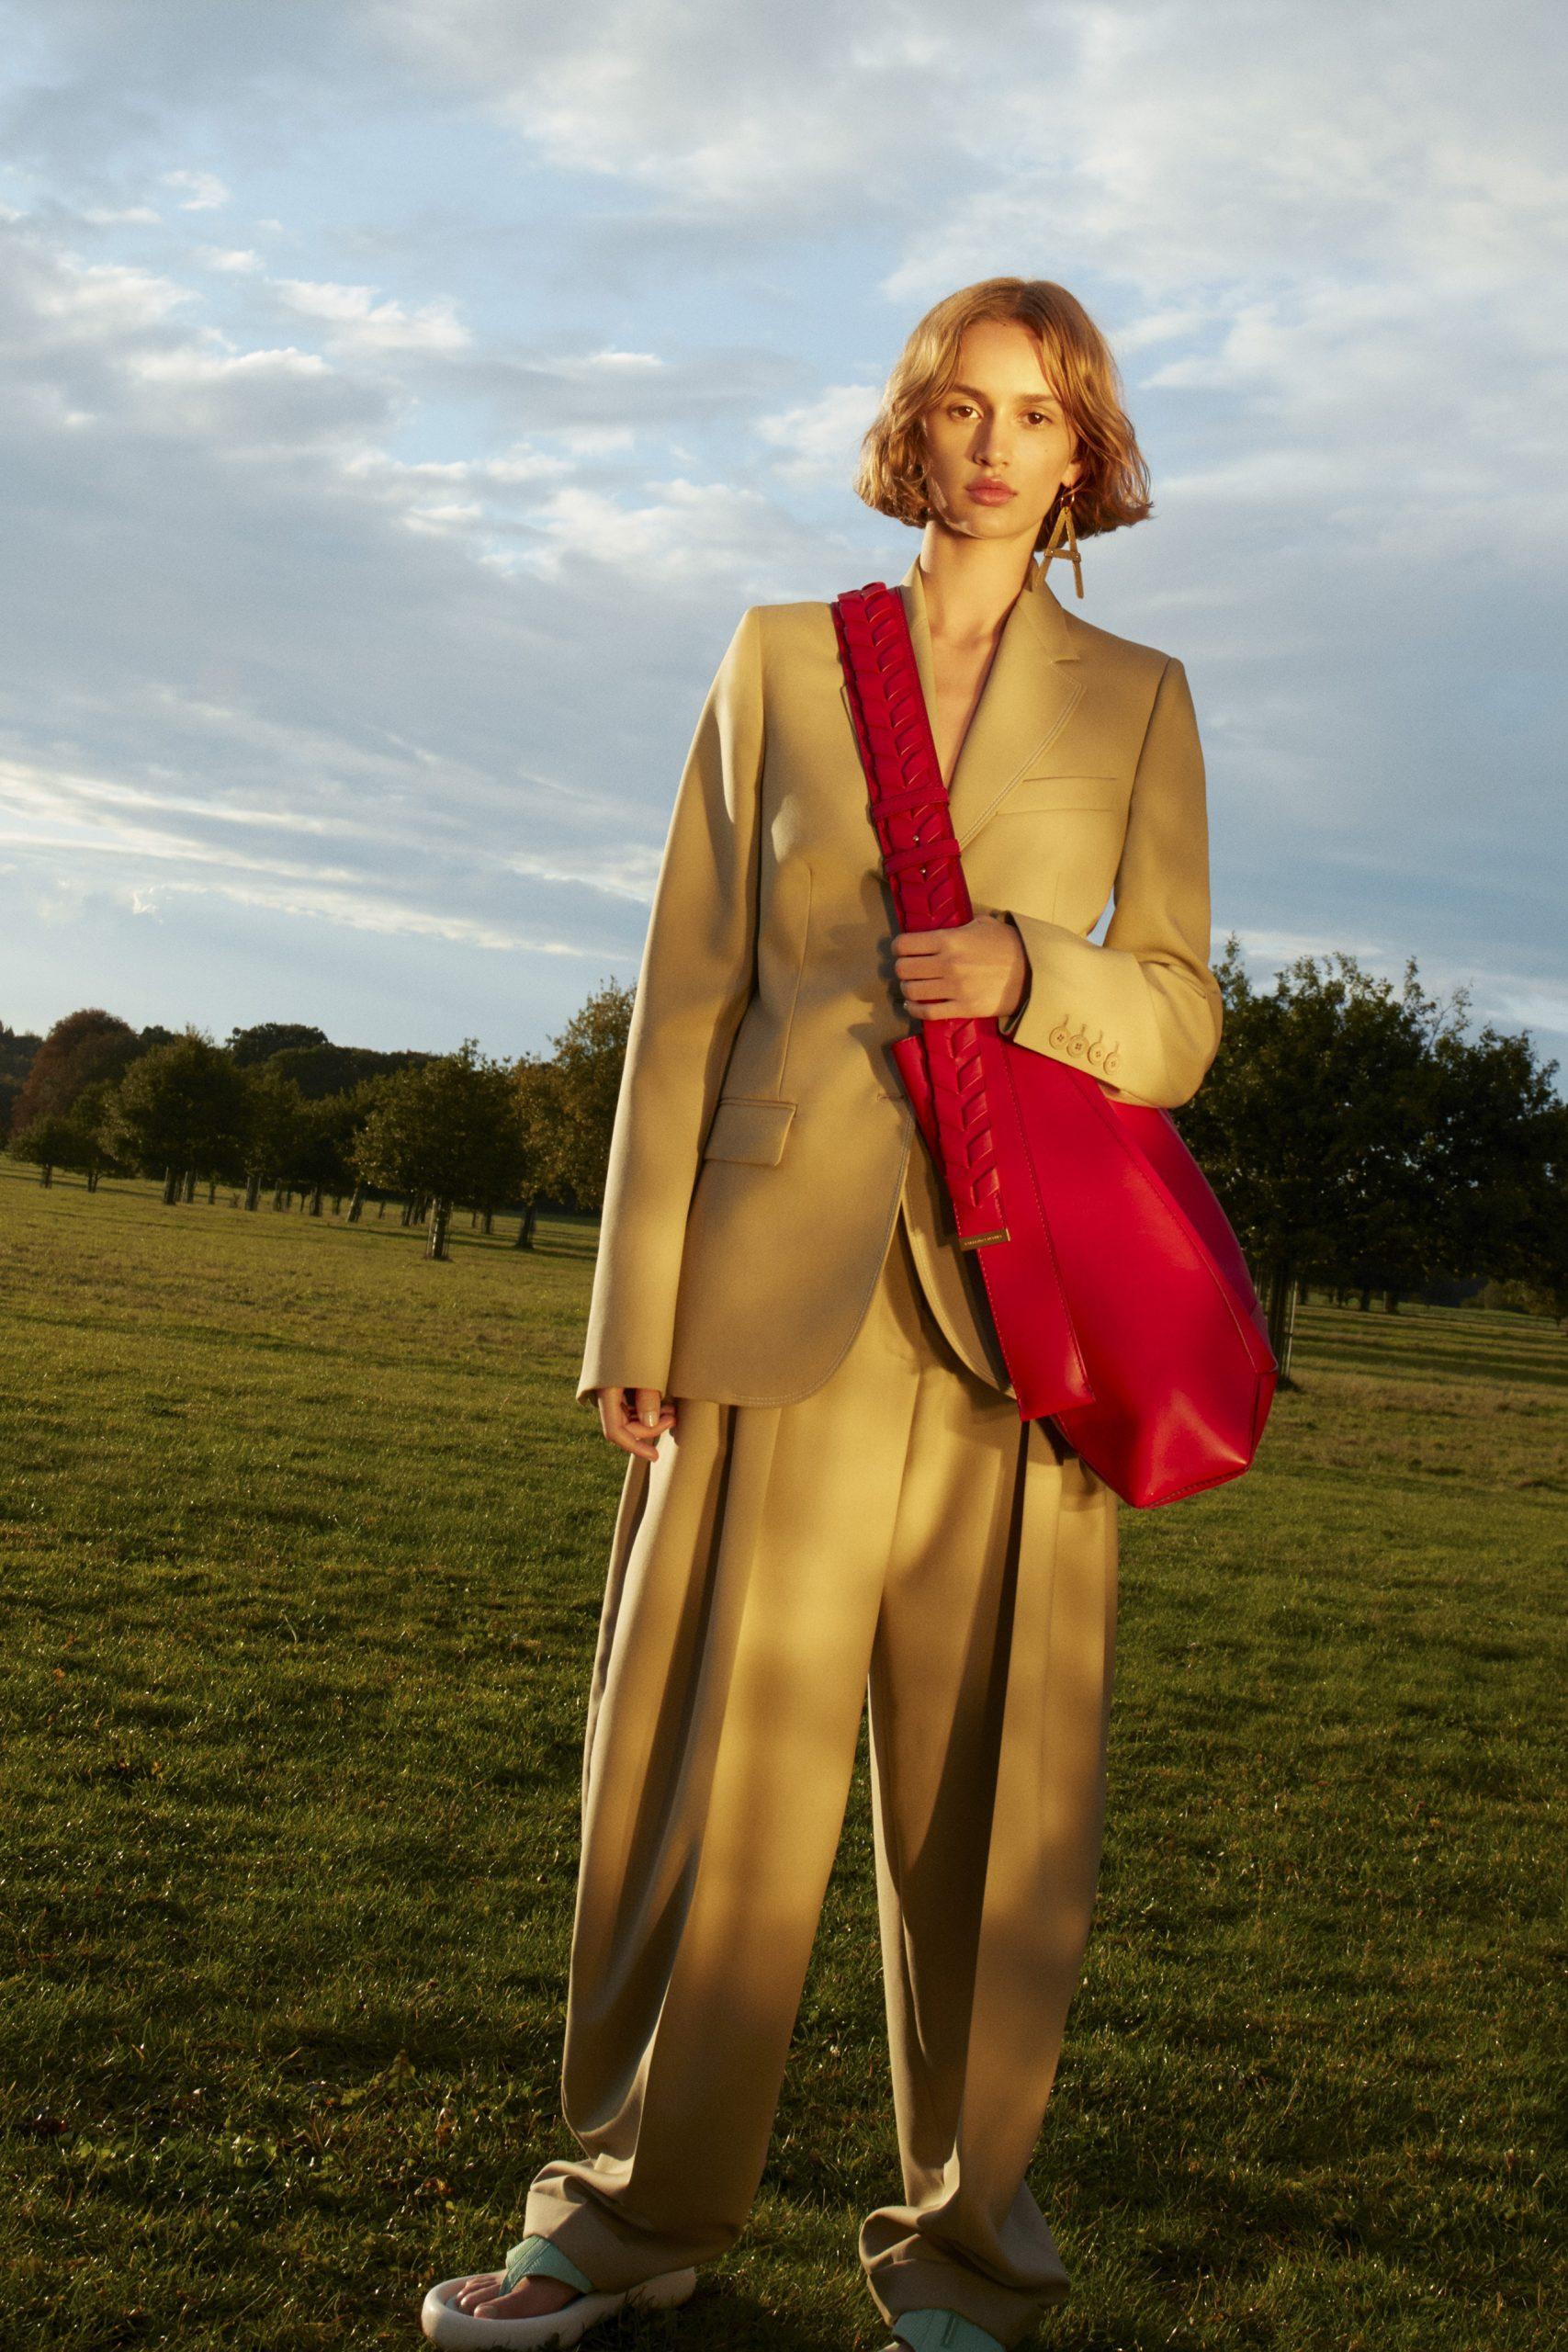 24. kép: Párizsi divathét - 2021-es tavaszi-nyári ready to wear kollekció - Stella McCartney